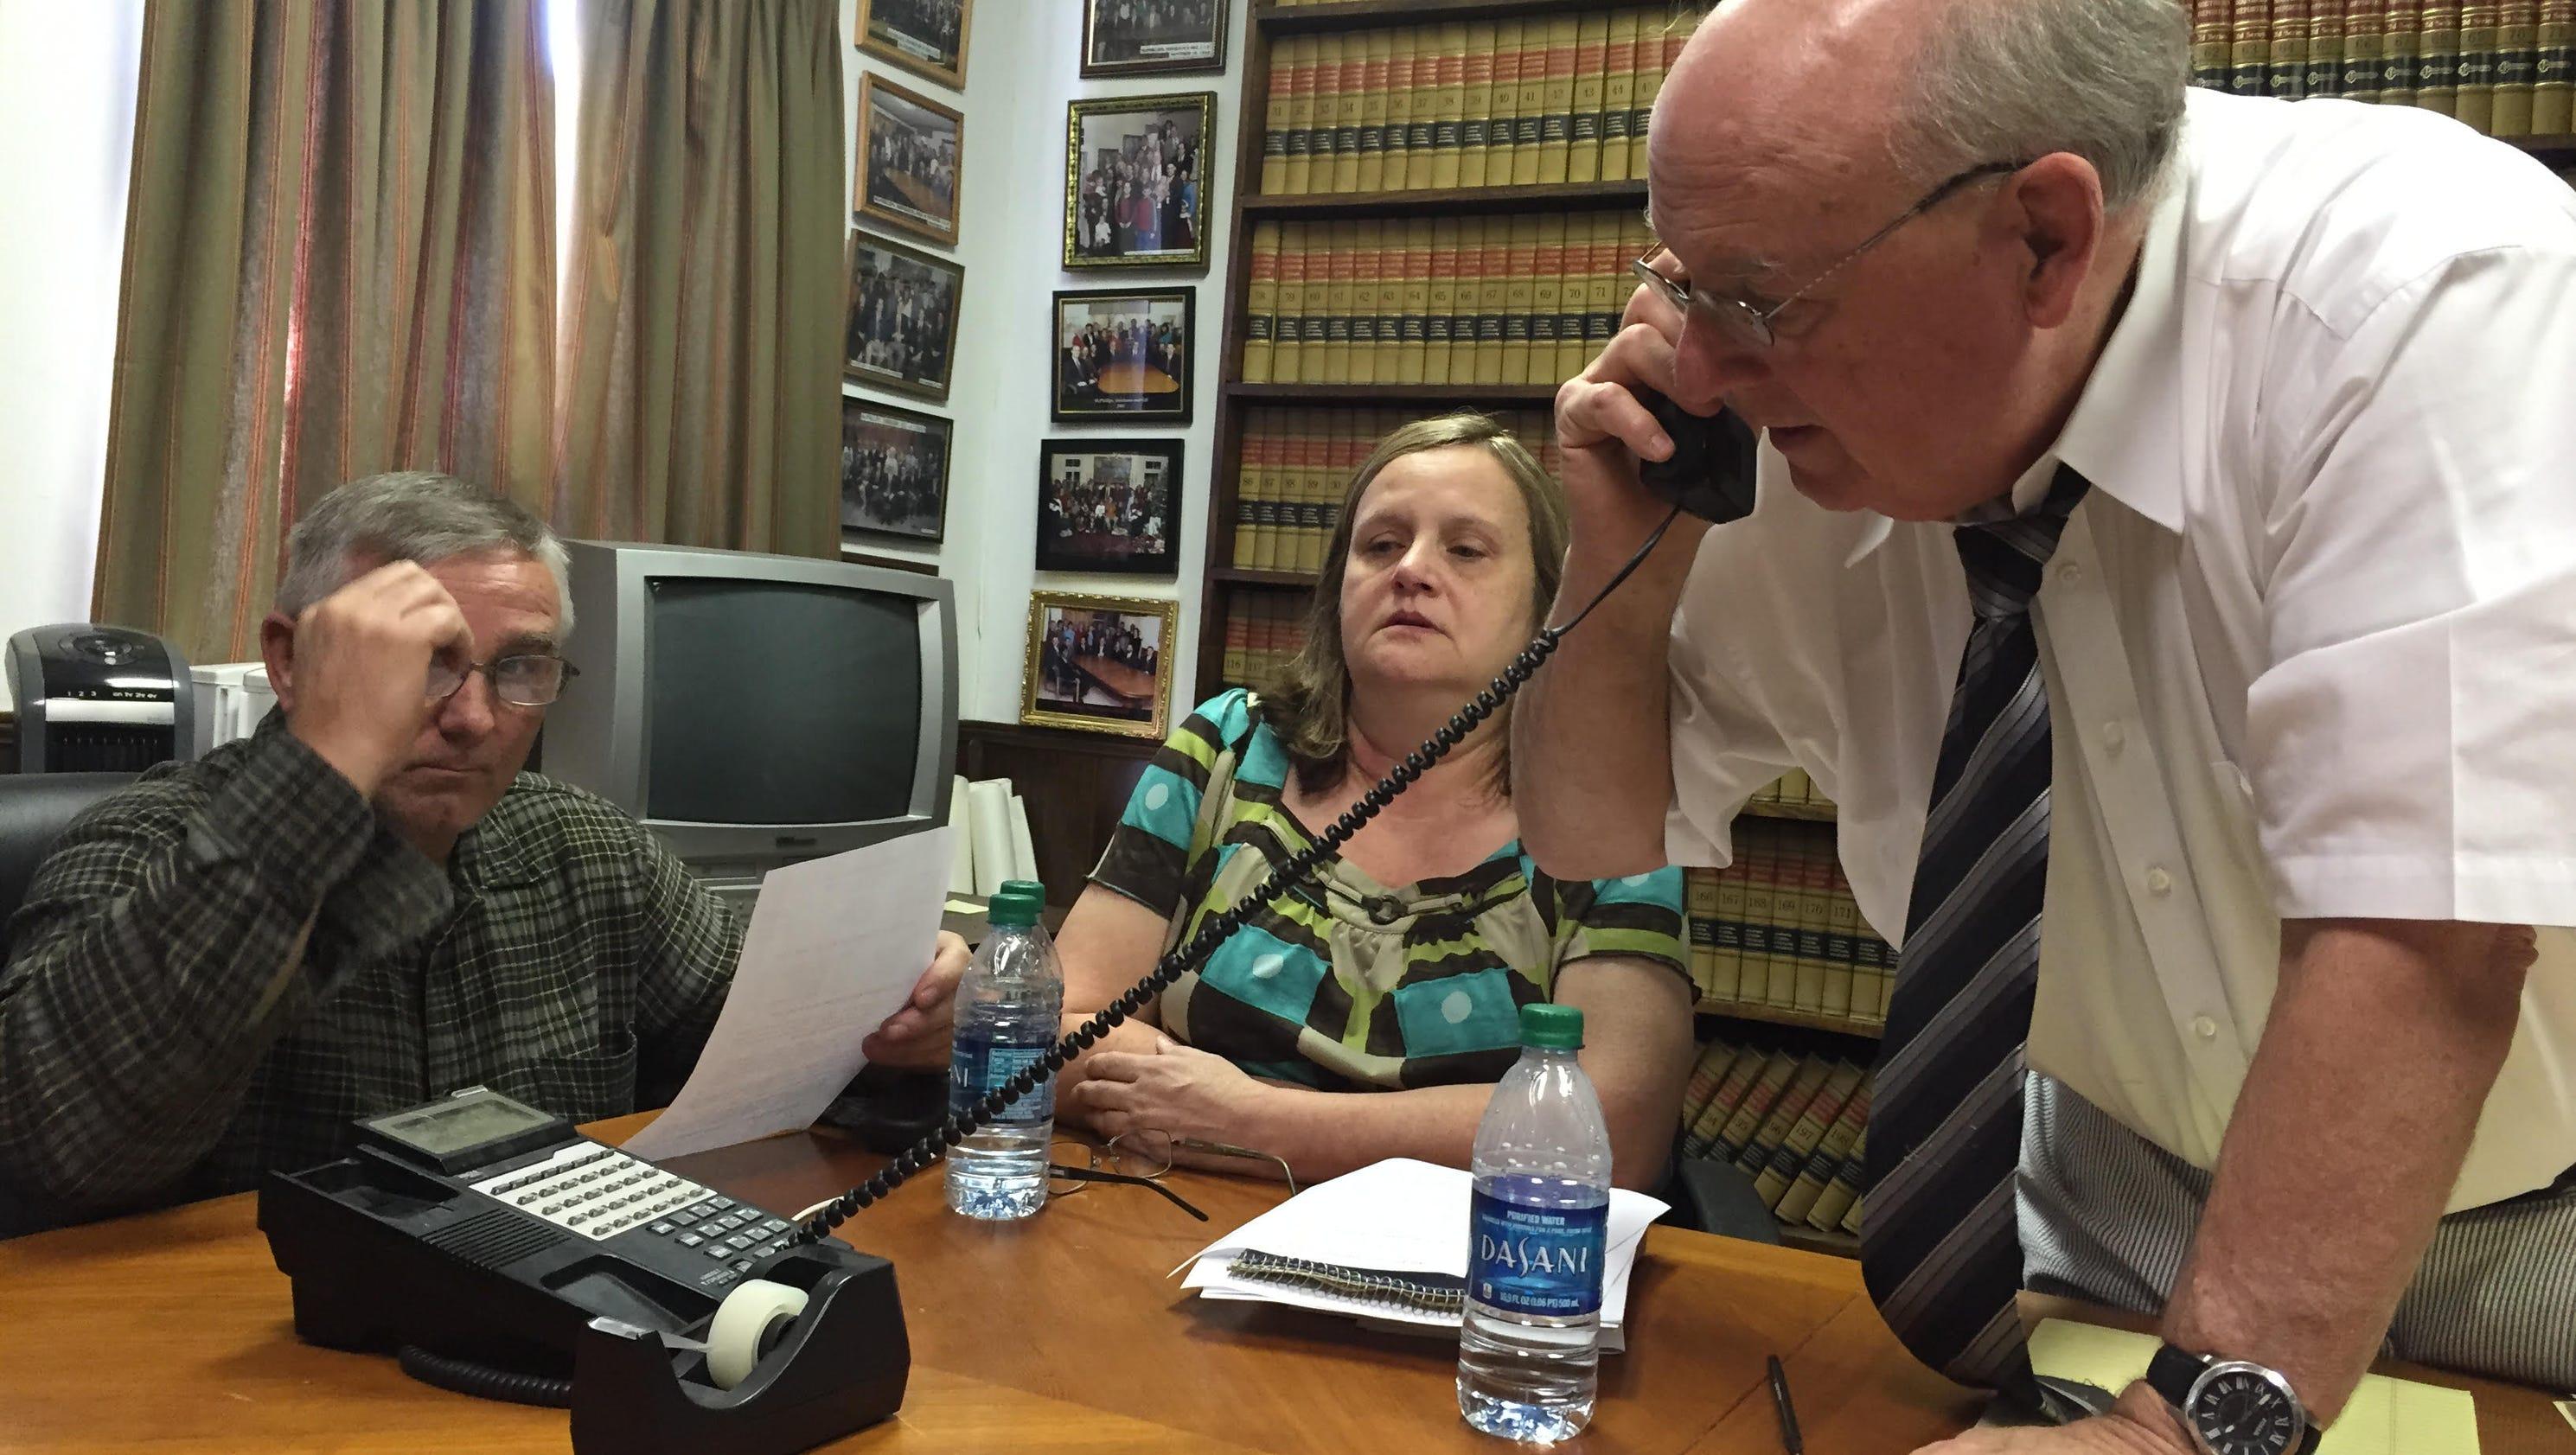 Parents of driver shot by Auburn PD pursue legal action